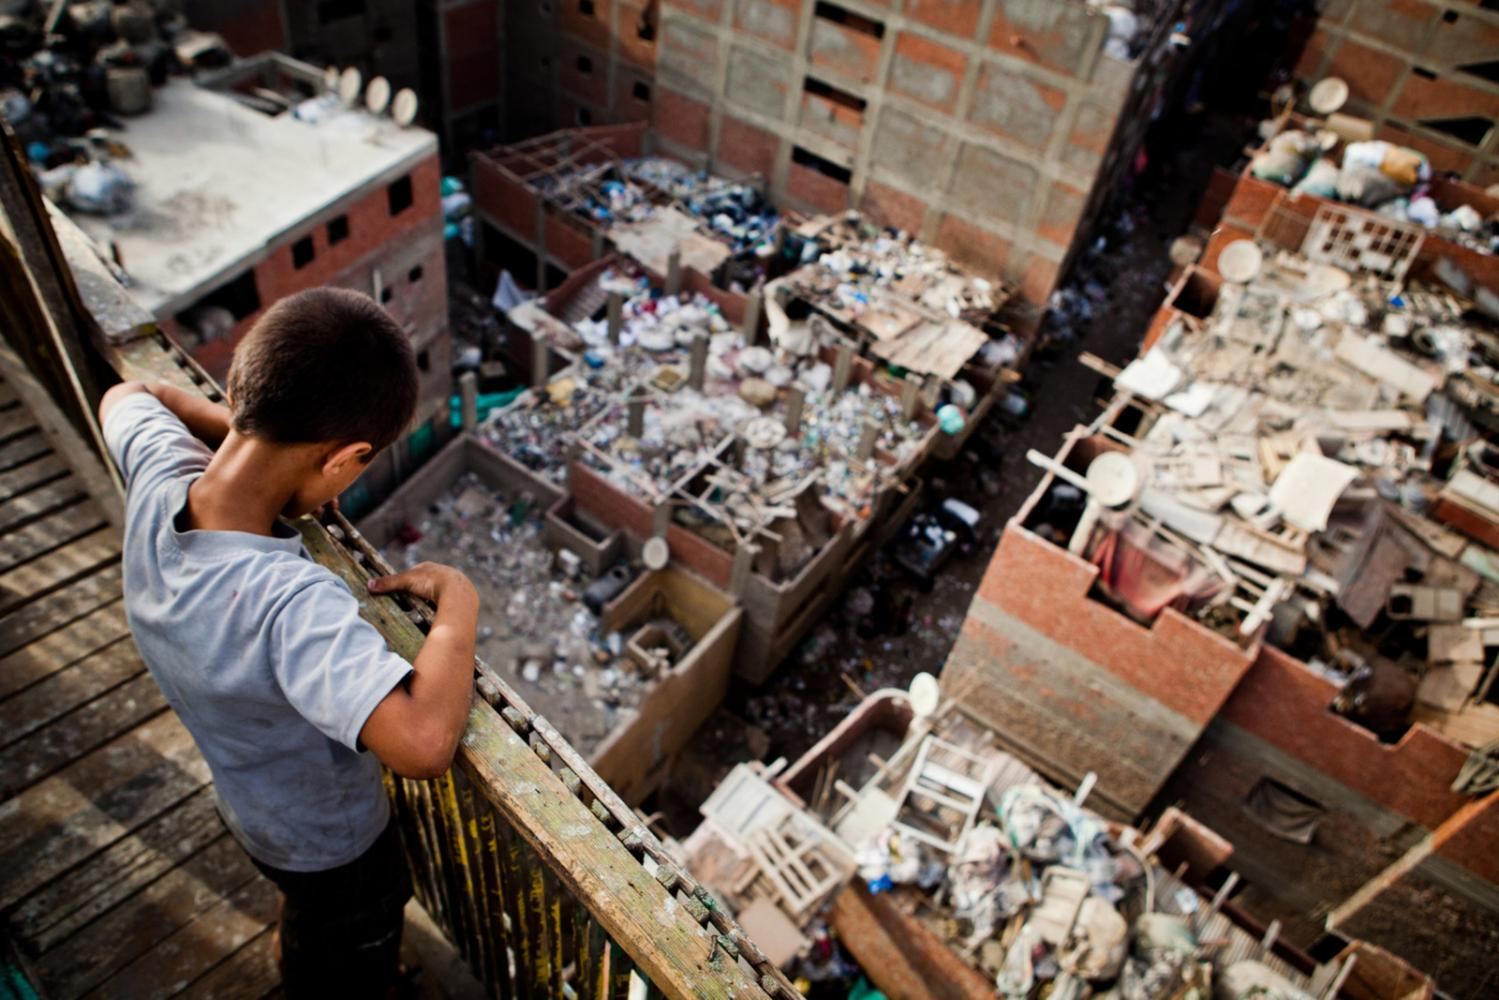 Manshiyat Nasr, Cairo, Egypt